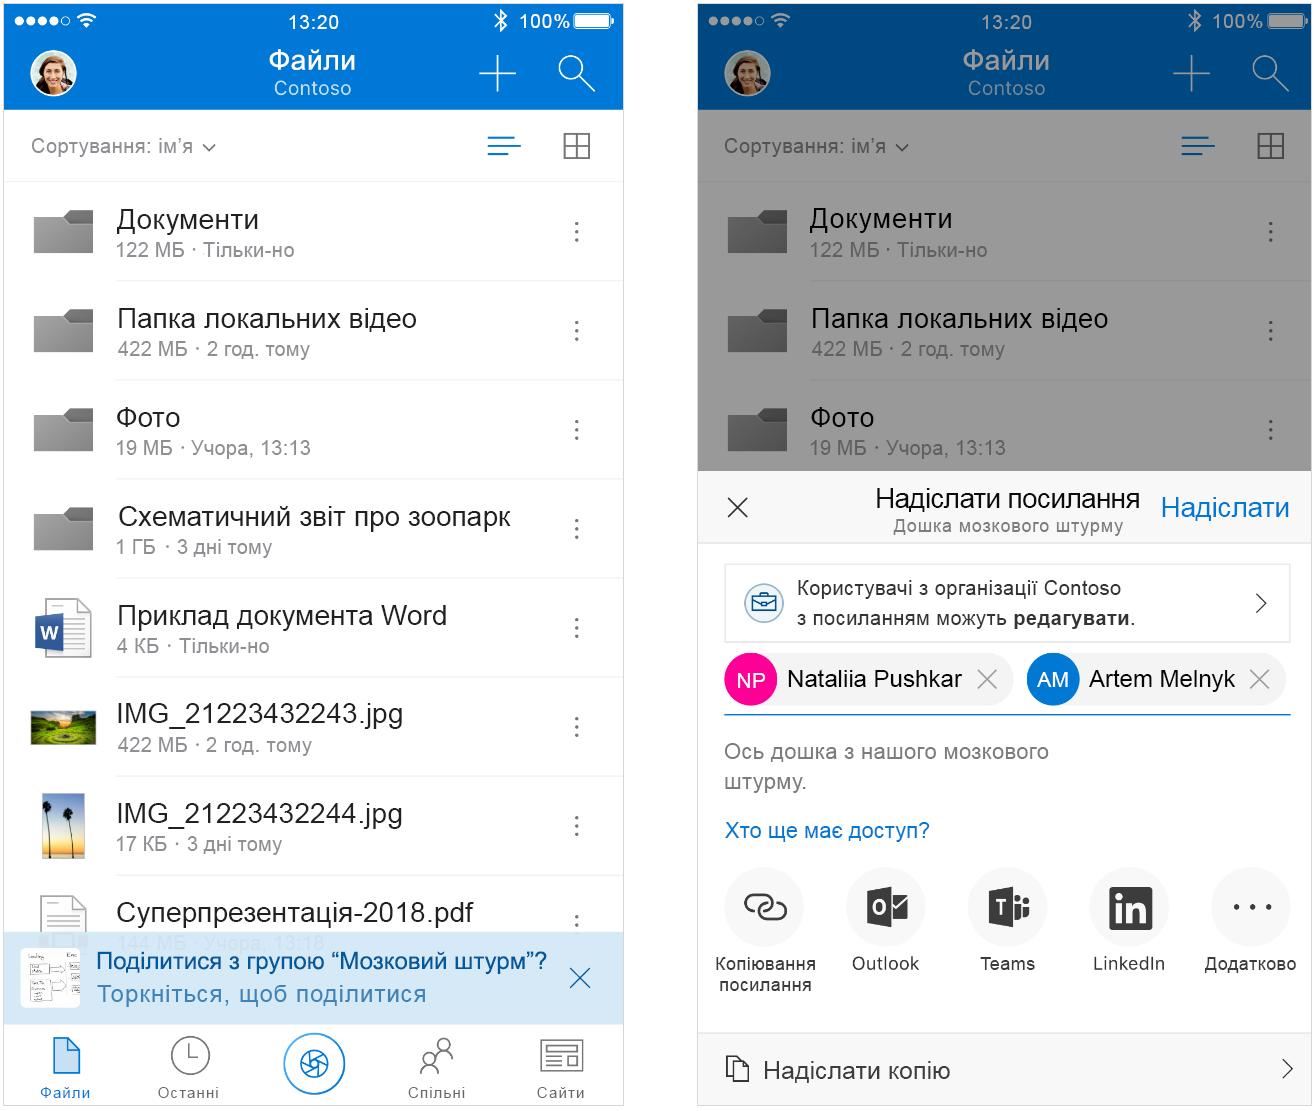 Два розташовані поруч знімки екрана, де показано, як працює функція розумного спільного доступу в Outlook.